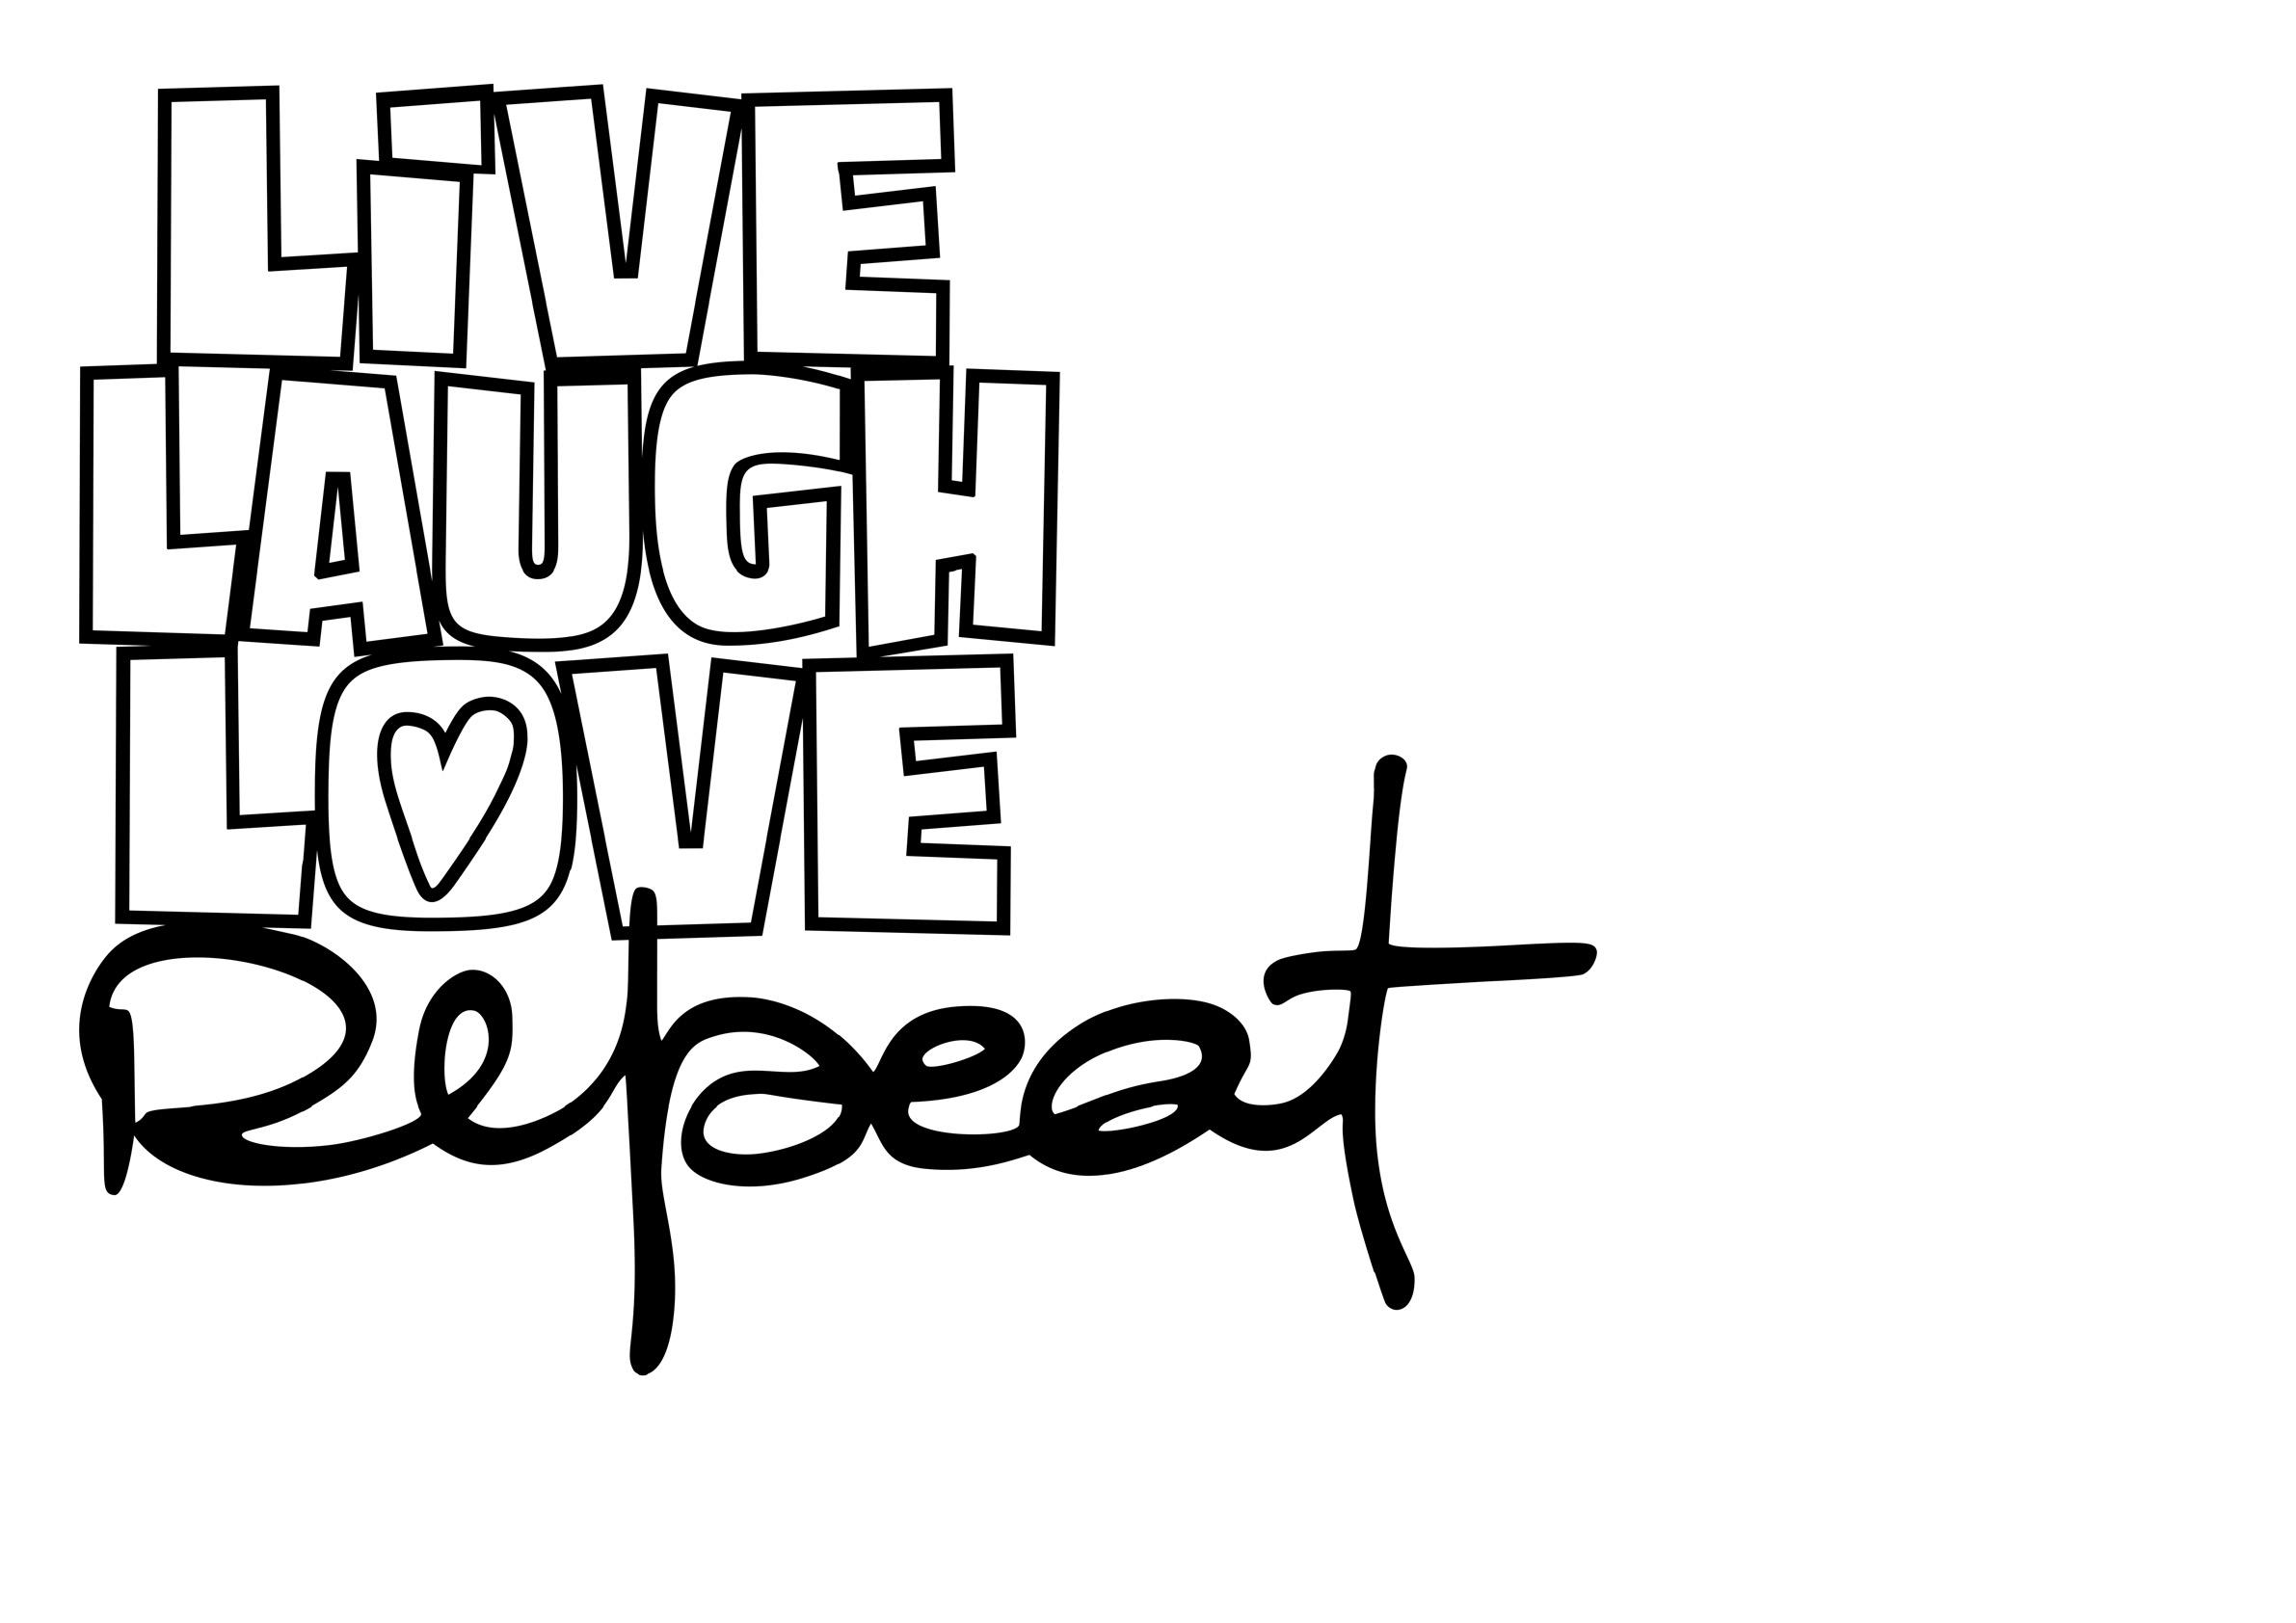 """image de découpe """"live laugh love repeat"""" offert par Fred"""